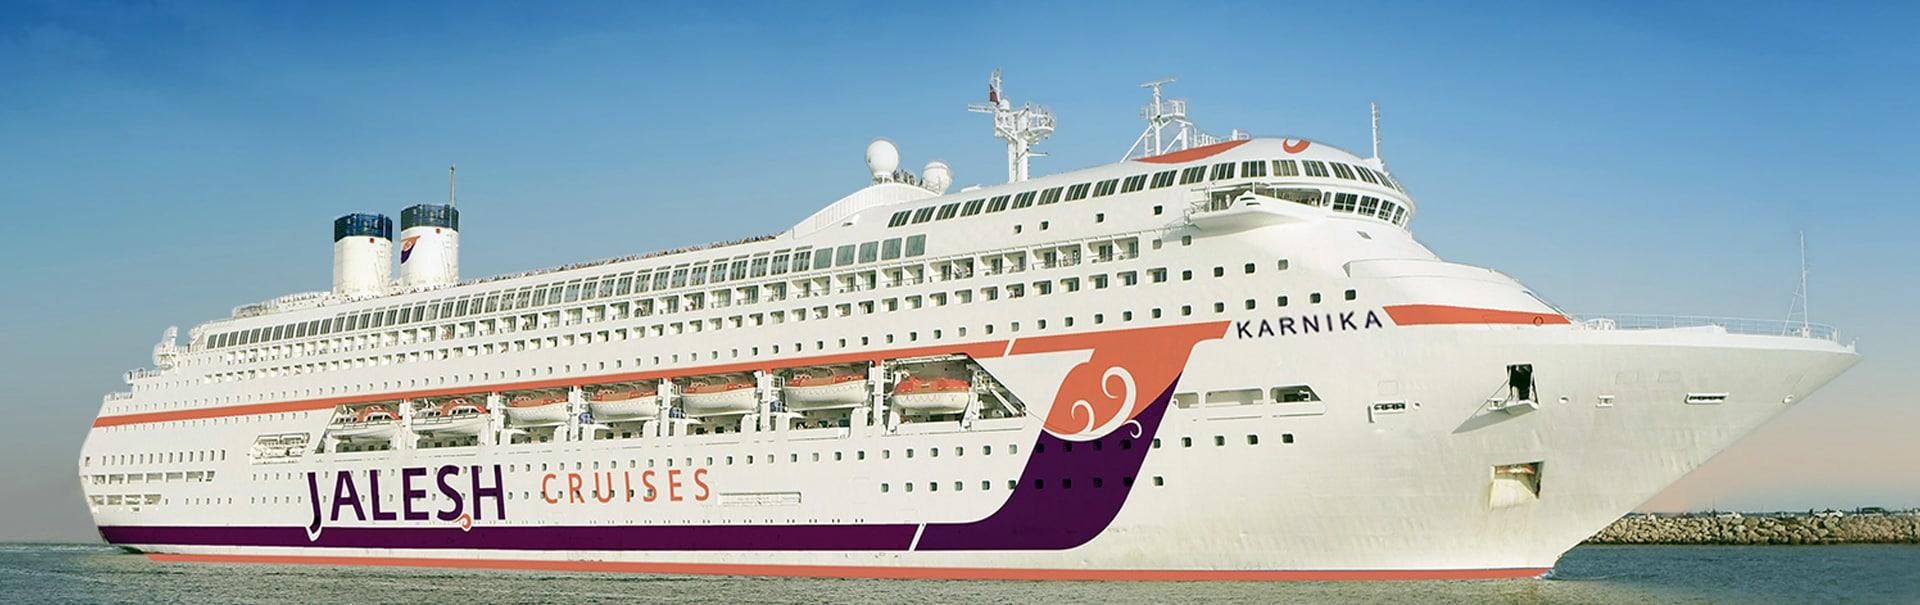 Jalesh Cruise - Mum-Goa-Mum (SHMH8) Banner